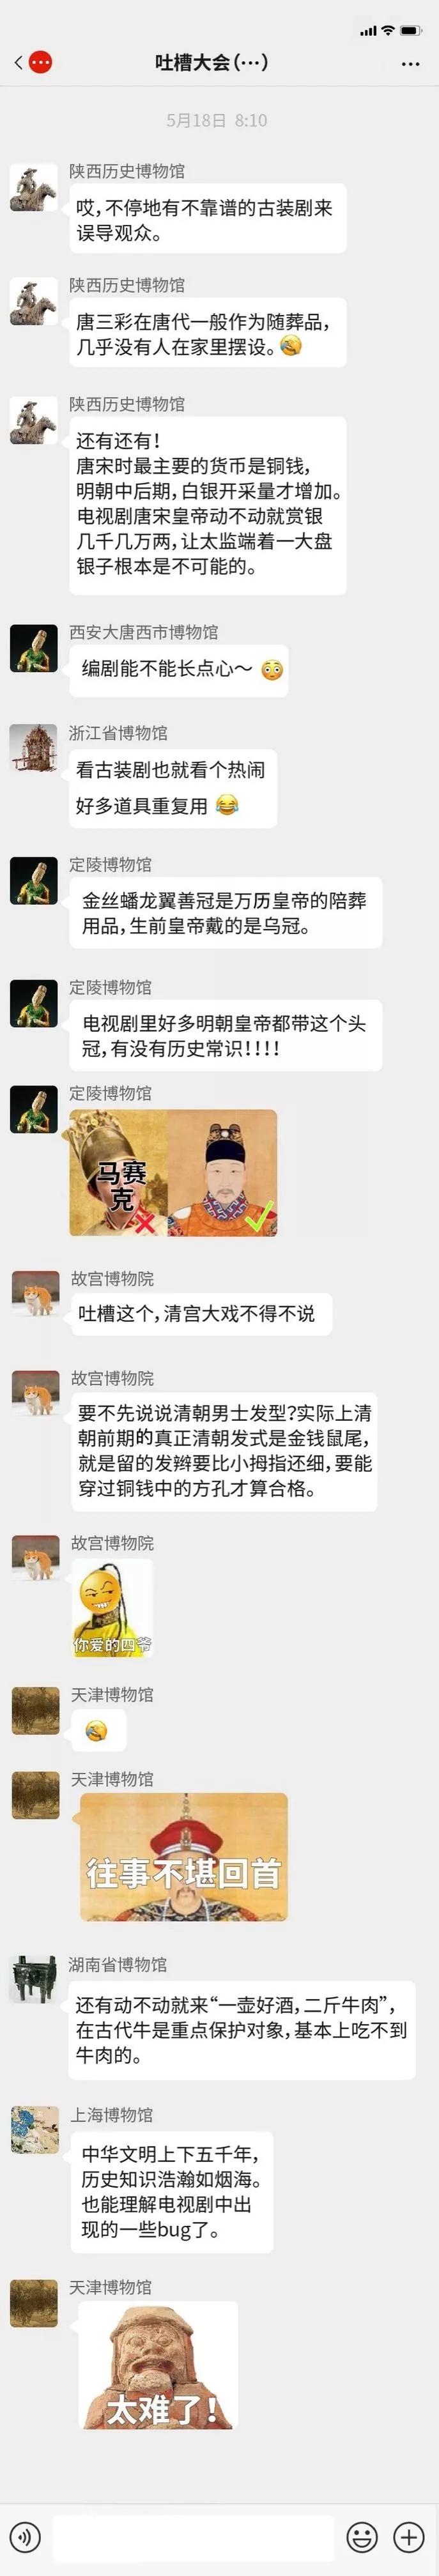 如果中国著名博物馆都在一个微信群里,哈哈哈哈…